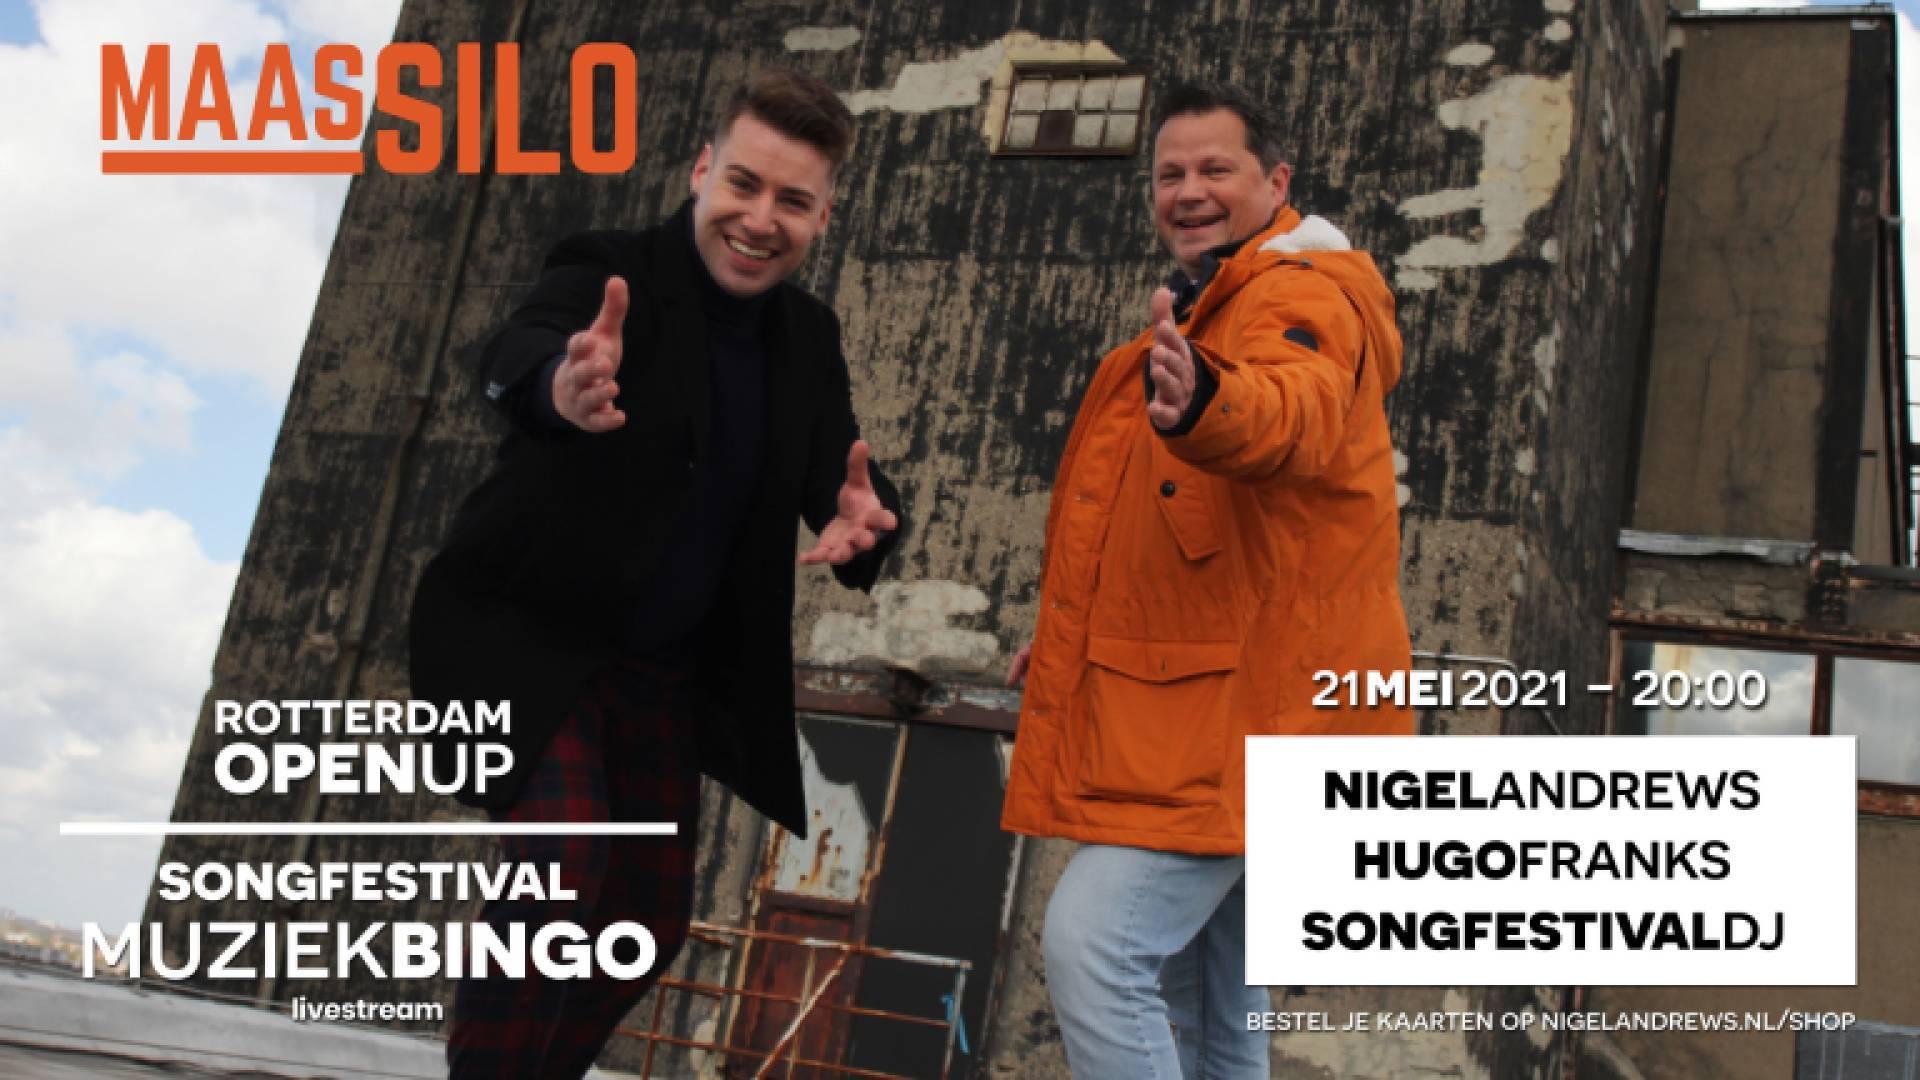 Rotterdam Open Up | Songfestival Muziek Bingo